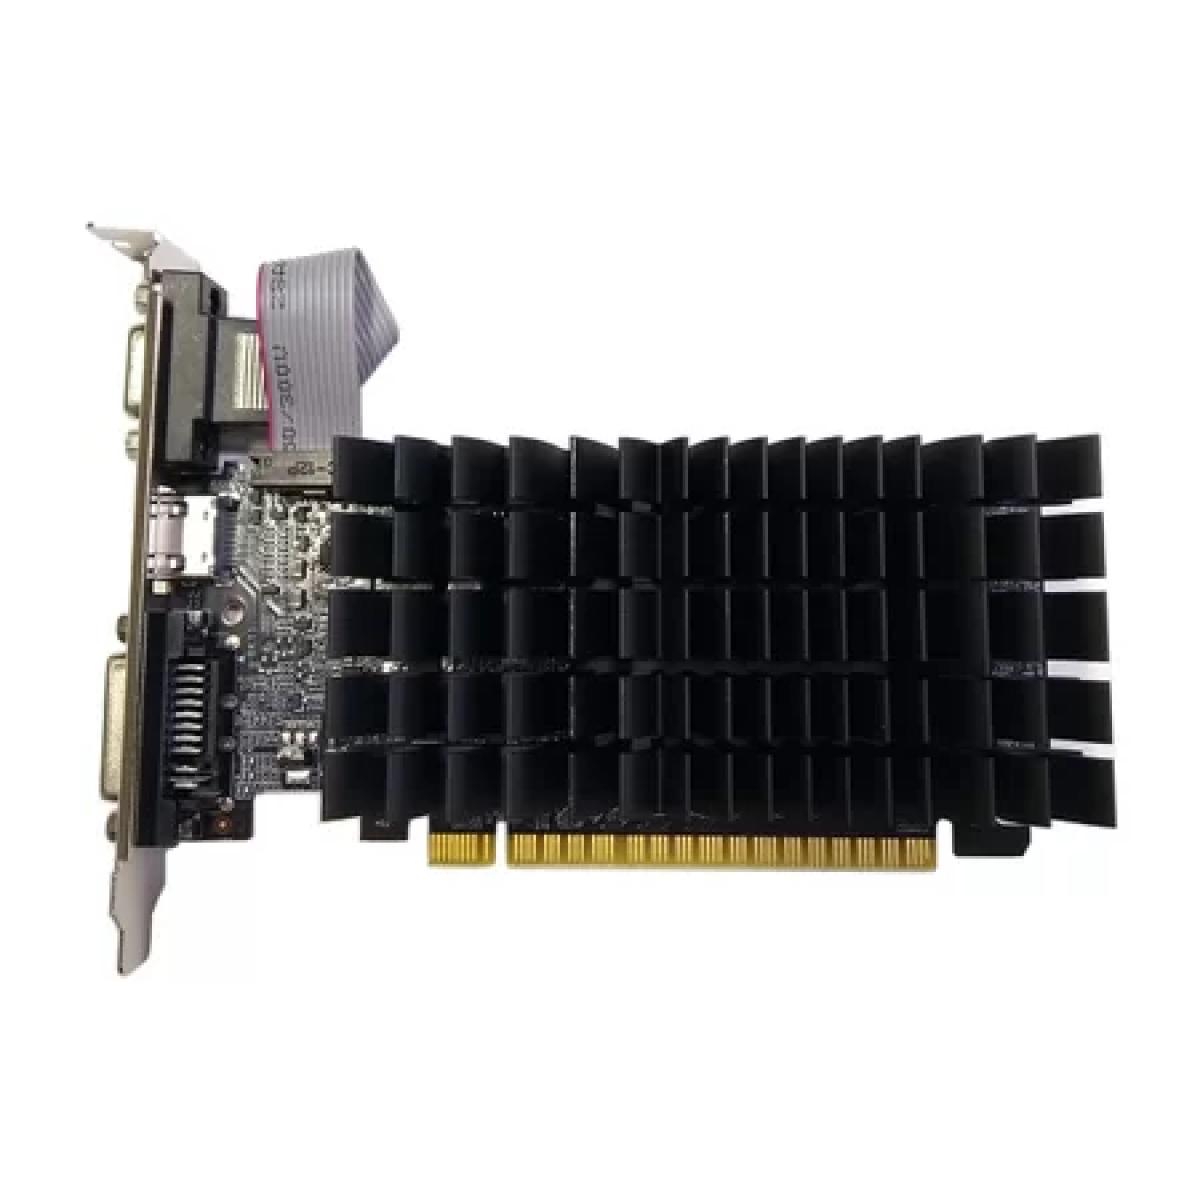 Placa de Vídeo AFox GeForce G210, 1GB, DDR3, 64bit, AF210-1024D3L5-V2